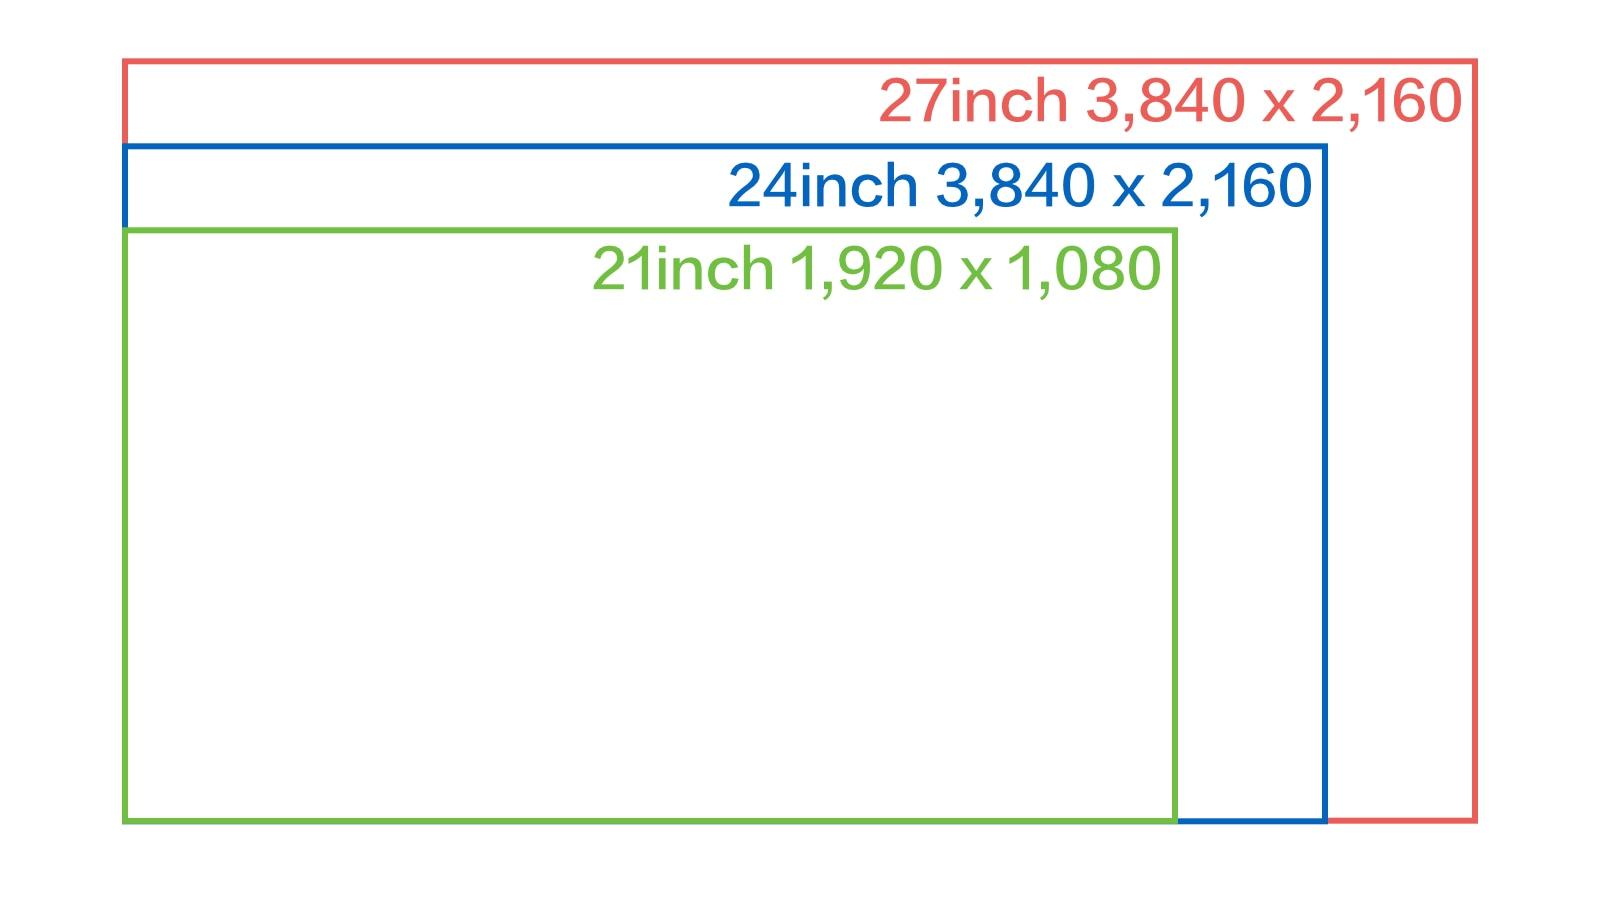 Surface AIO デスクトップPC 解像度